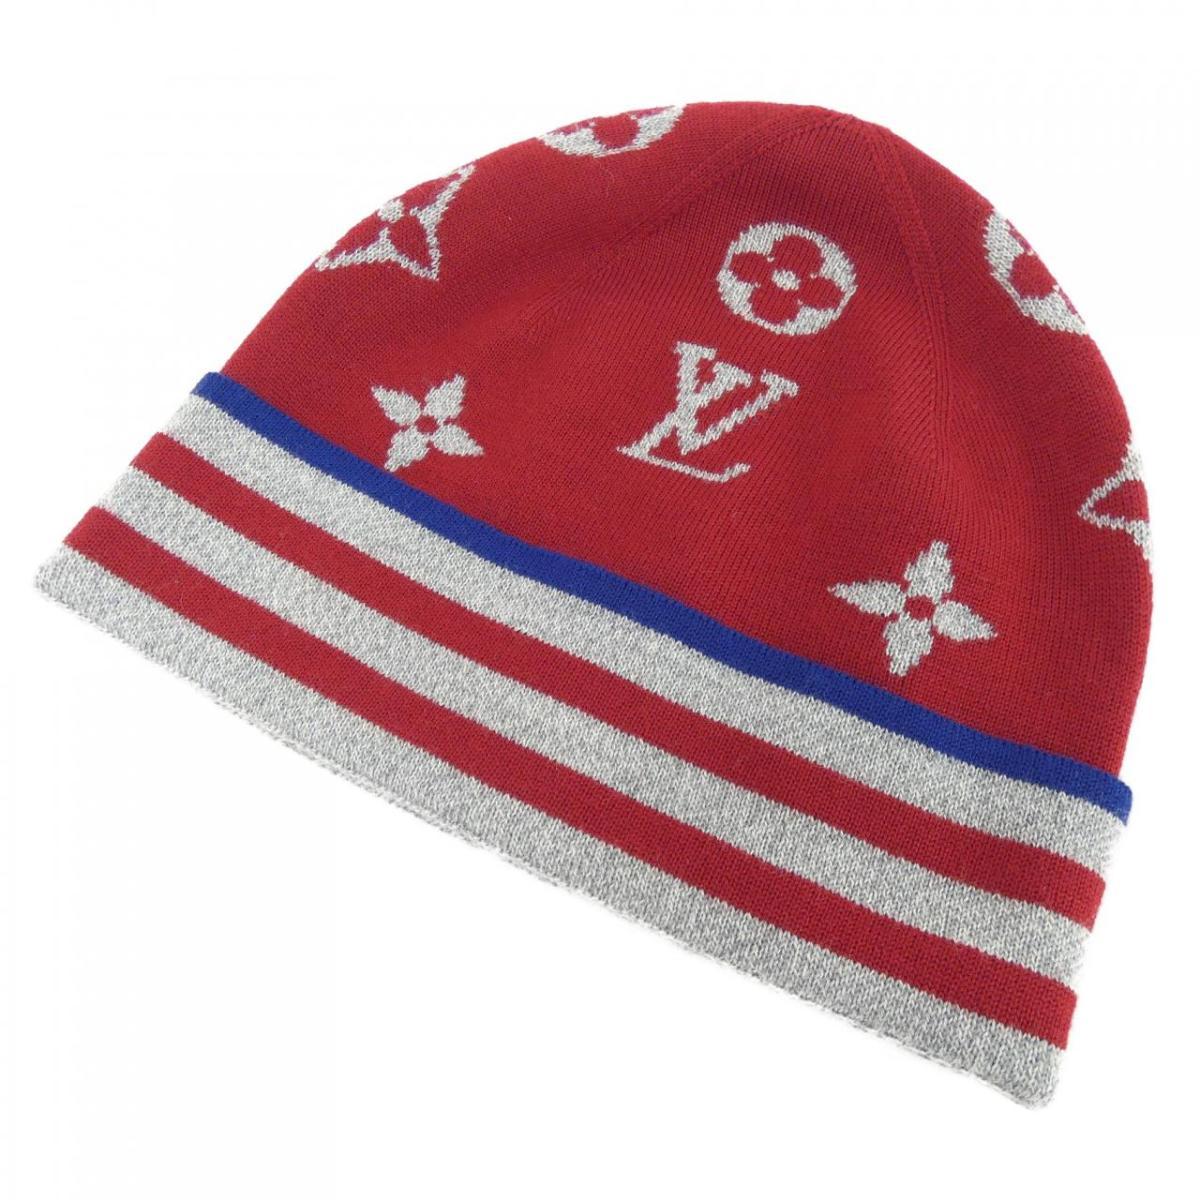 メンズ帽子, その他  LOUIS VUITTON HATCAP